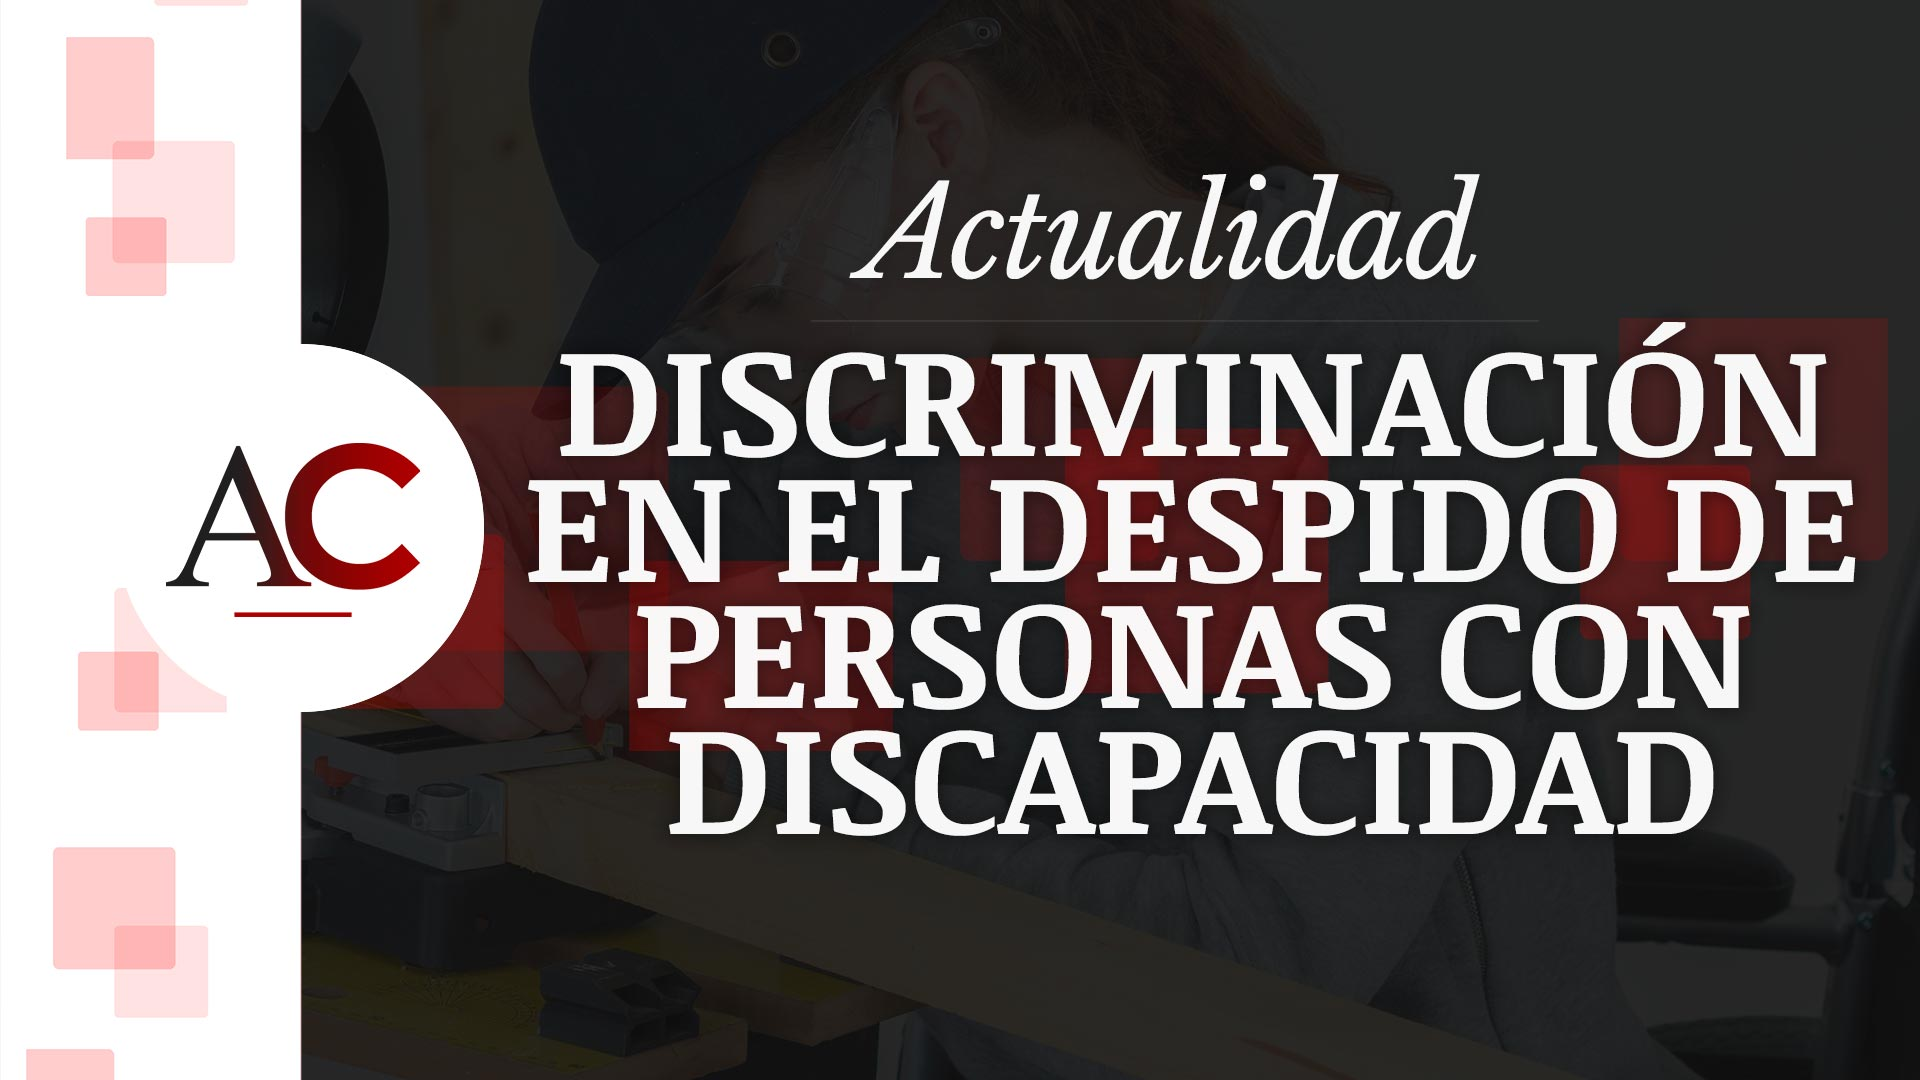 No a la discriminación en el despido de personas con discapacidad